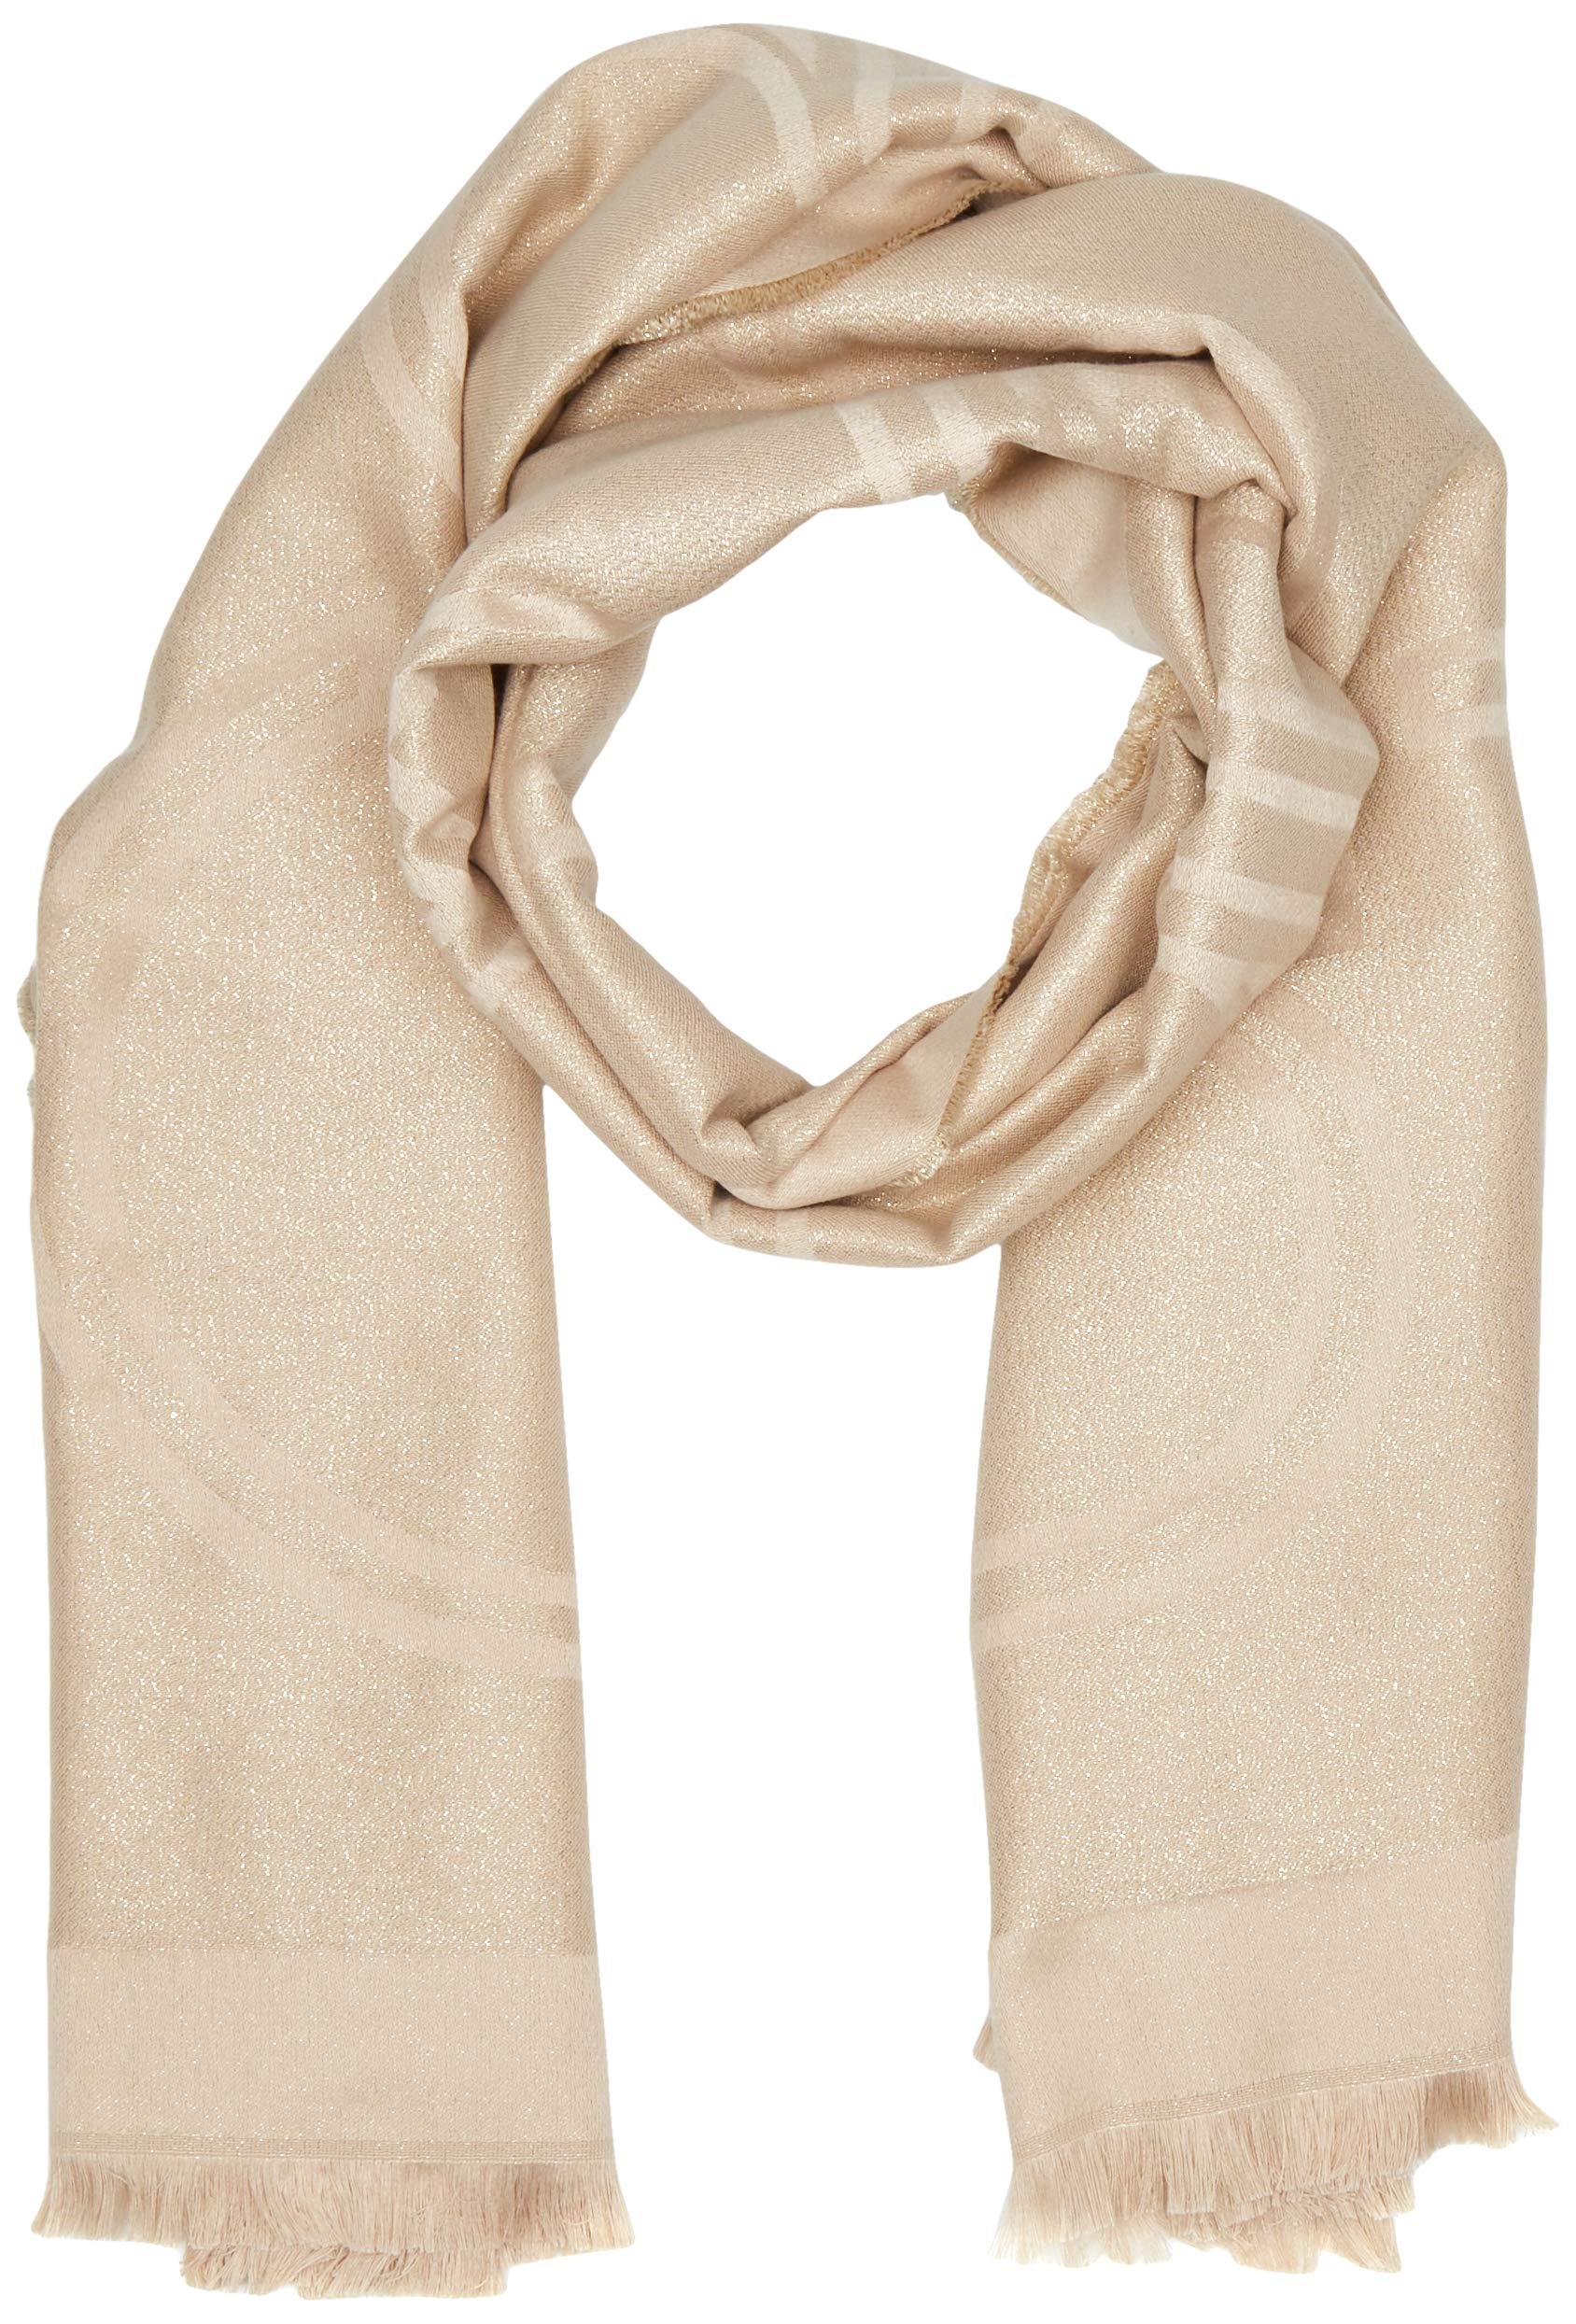 Calvin Klein Schal/Tuch beige